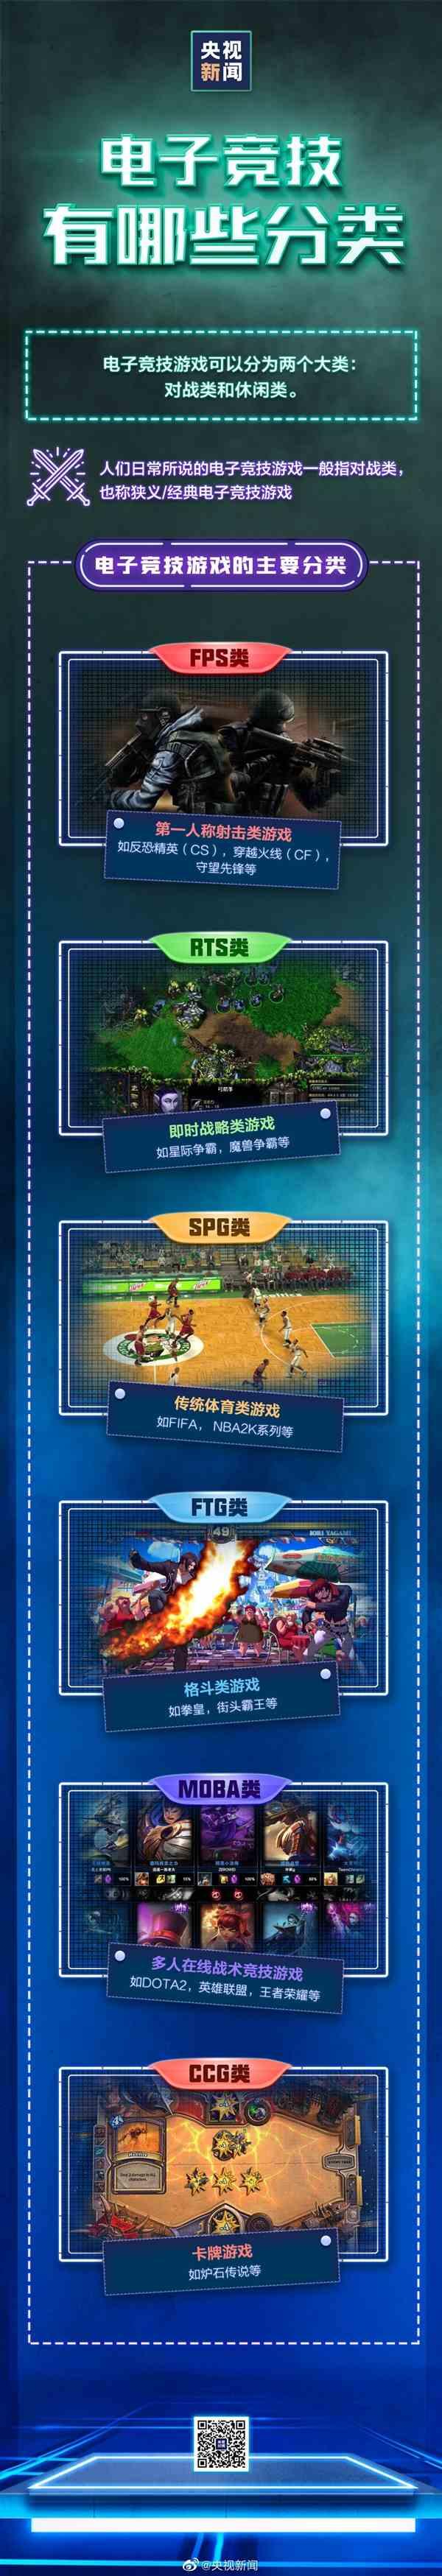 《【沐鸣在线娱乐】中国电竞用户规模达4.84亿人!电竞与玩游戏有什么不同?》